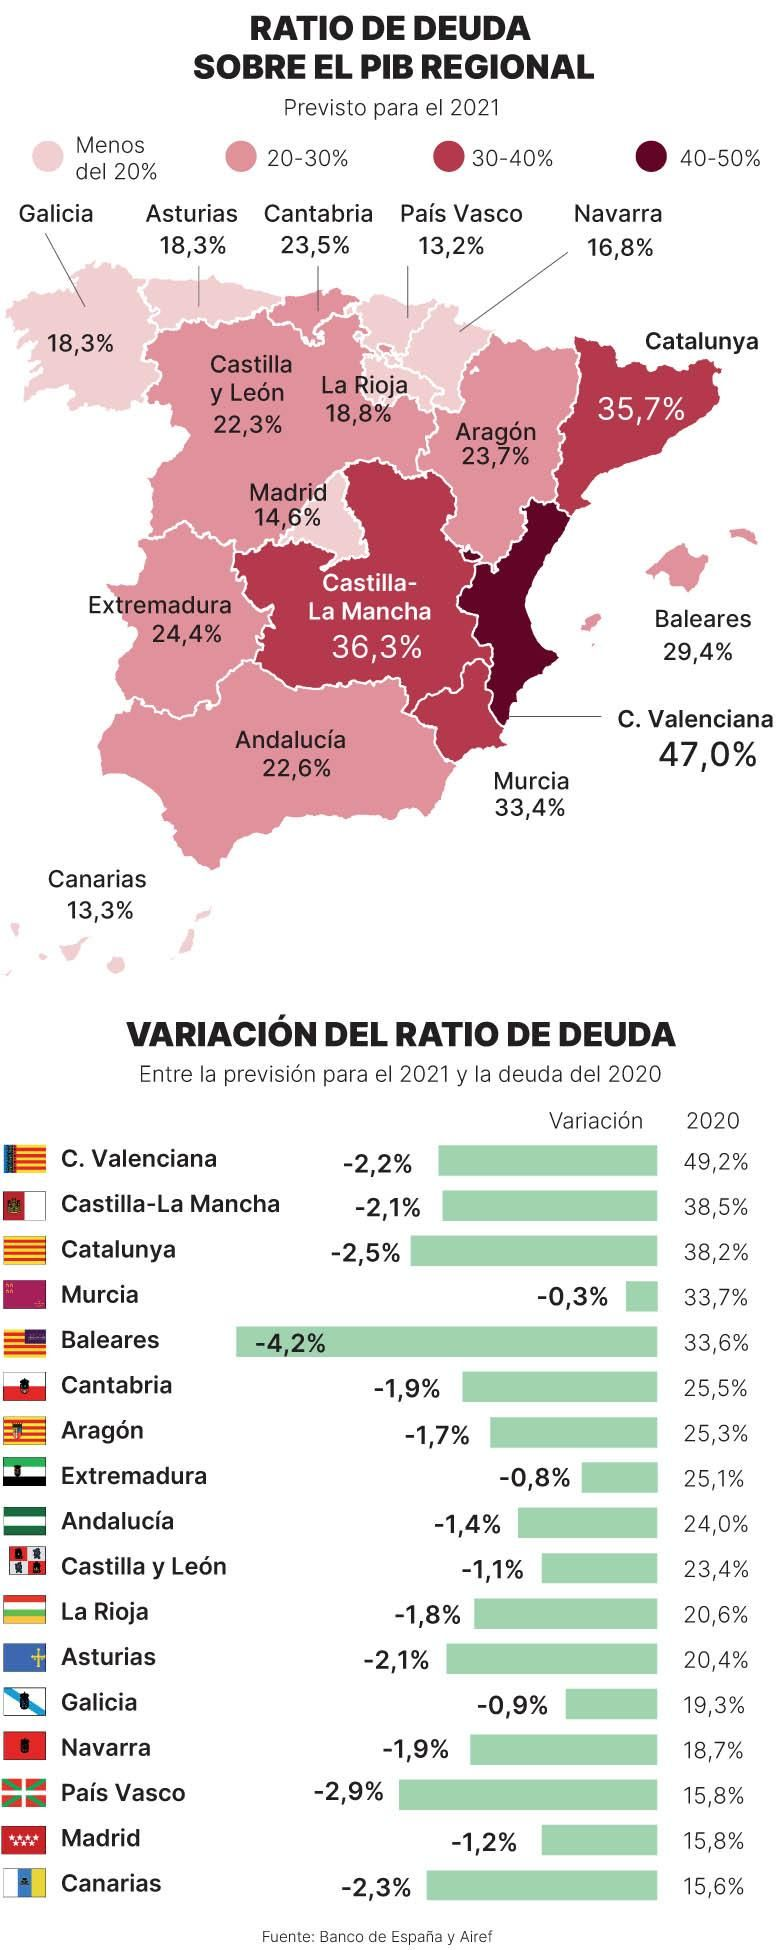 Gráfico sobre la ratio de deuda sobre el PIB regional.